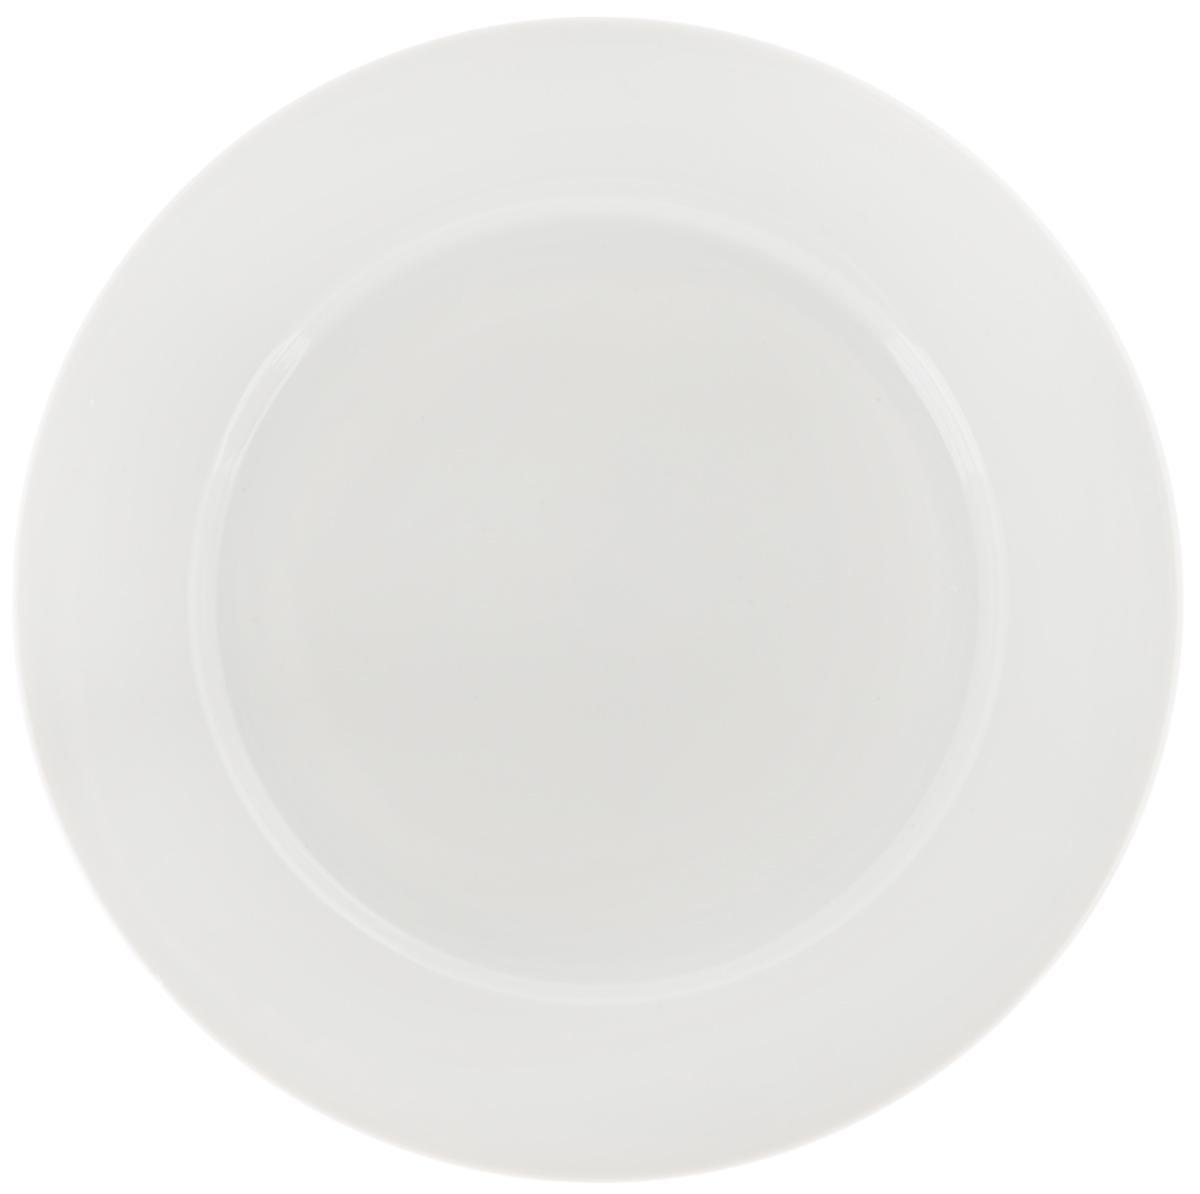 Тарелка Фарфор Вербилок, цвет: белый, диаметр 24 см1658000БТарелка Фарфор Вербилок, изготовленная из высококачественного фарфора, имеет классическую круглую форму. Оригинальный дизайн придется по вкусу и ценителям классики, и тем, кто предпочитает утонченность. Тарелка Фарфор Вербилок идеально подойдет для сервировки стола и станет отличным подарком к любому празднику.